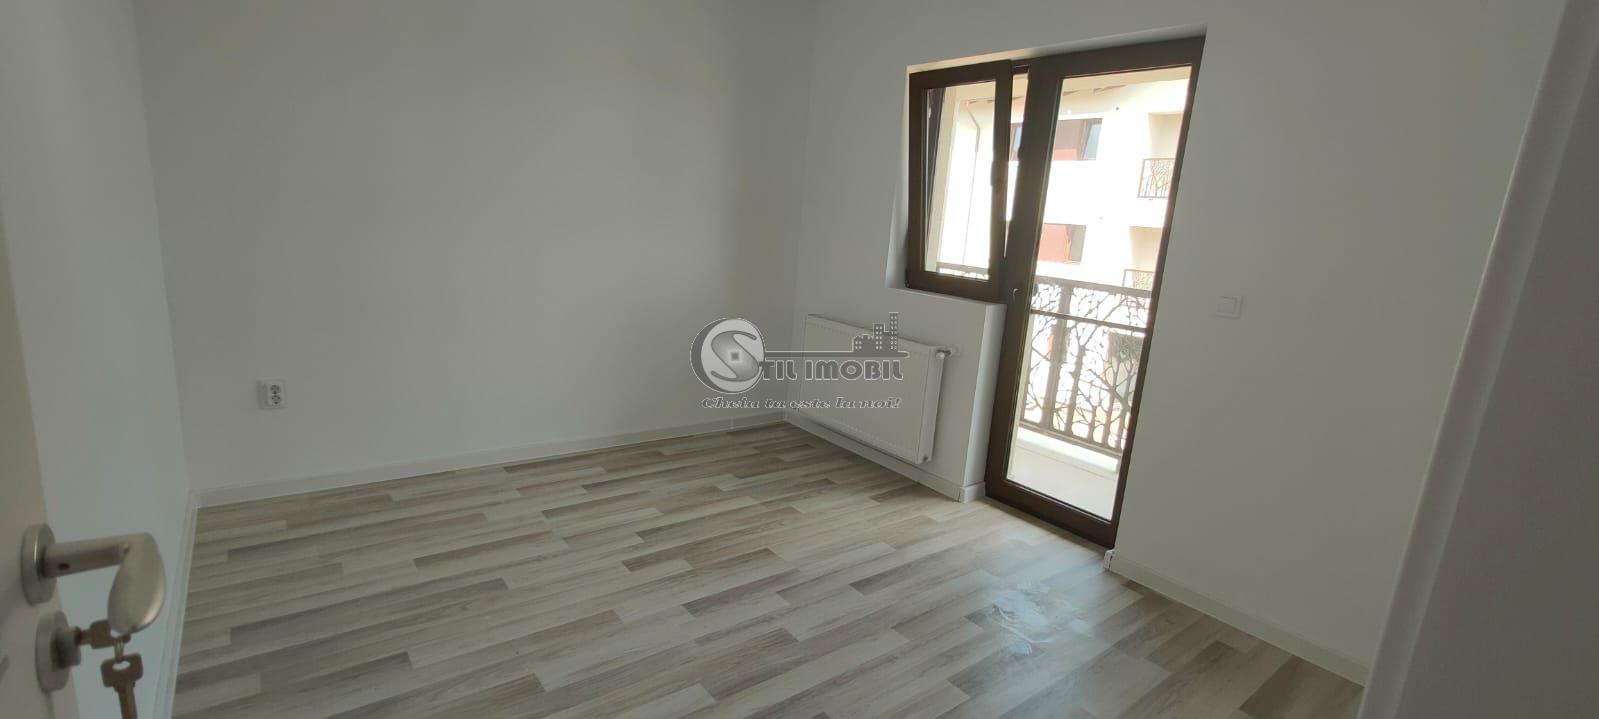 Apartament 1 camera ,27mp CUG Lunca Cetatuii